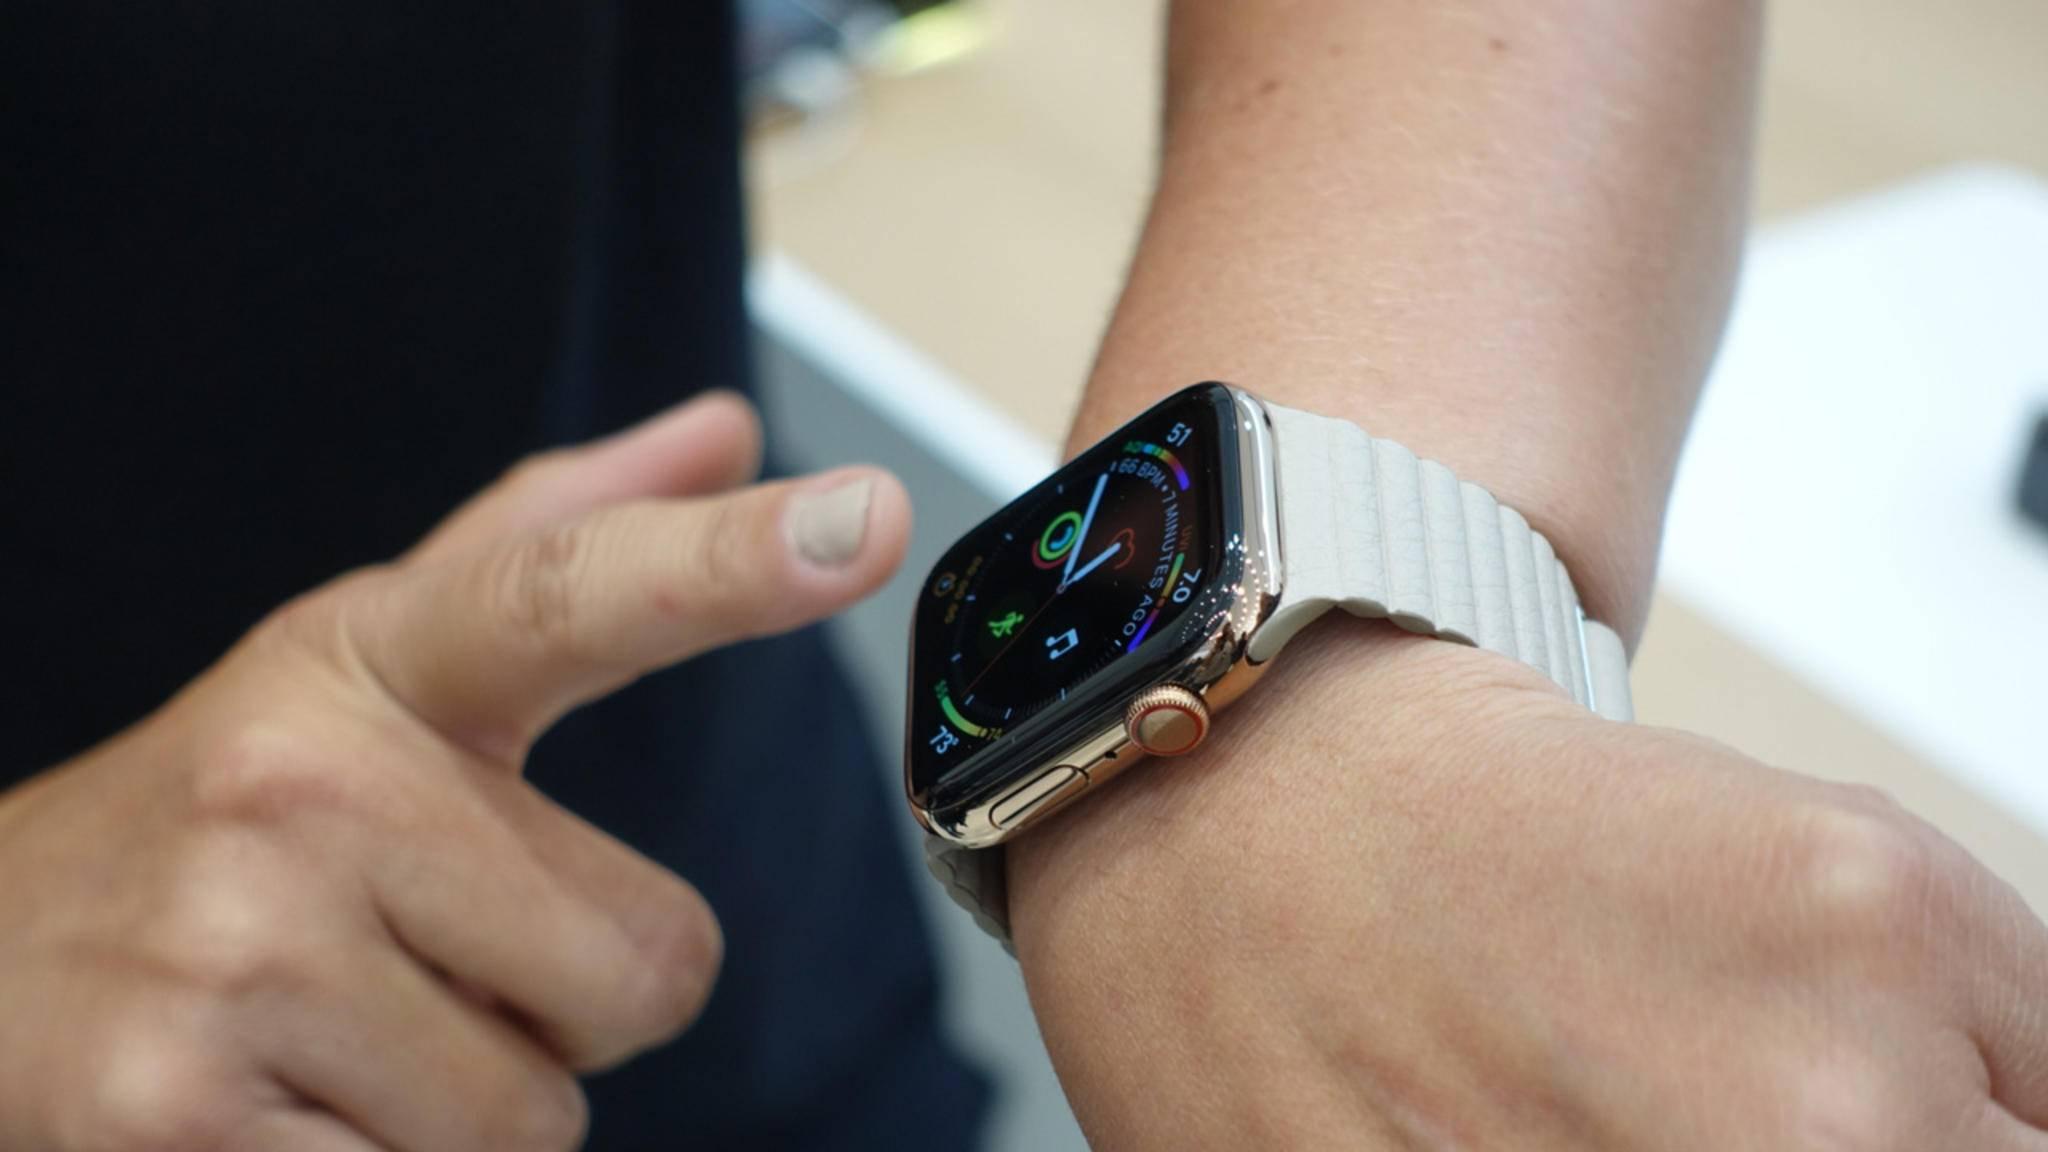 Die Apple Watch (hier im Foto die Series 4) ist nicht die einzige gute Smartwatch für iPhone-Besitzer.